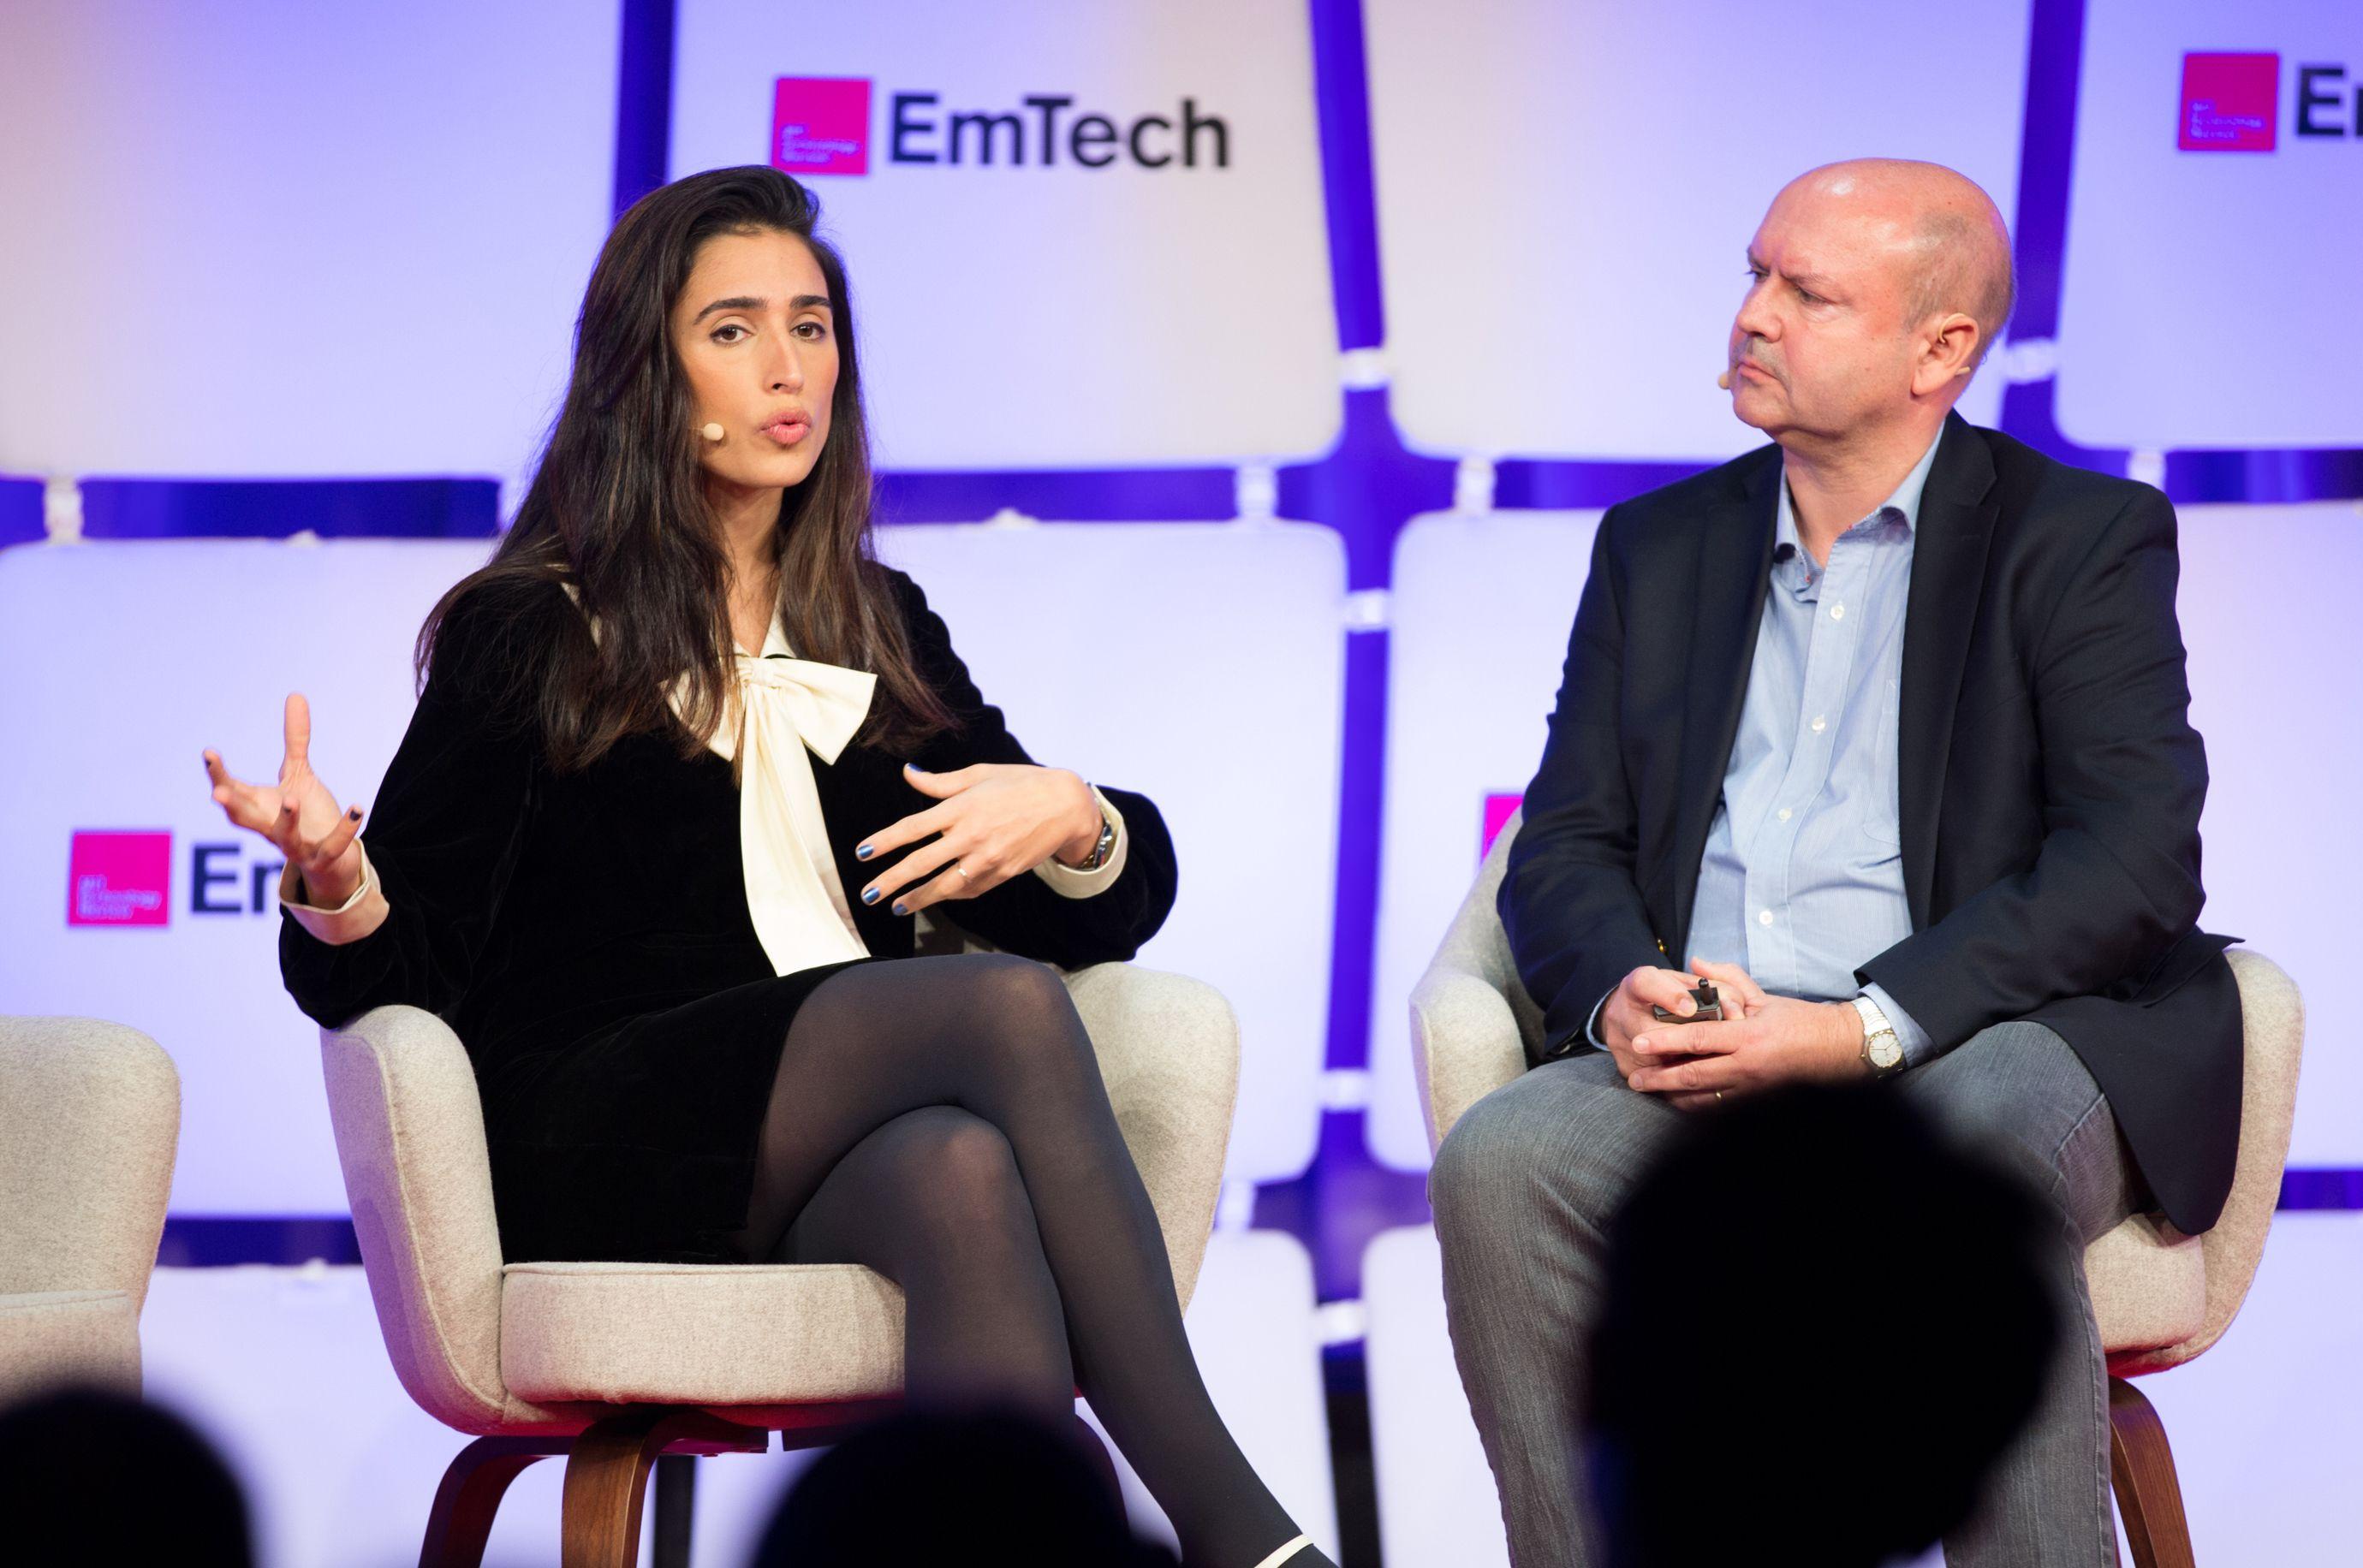 「ネットの社会問題」はテクノロジーの力で解決できるのか?